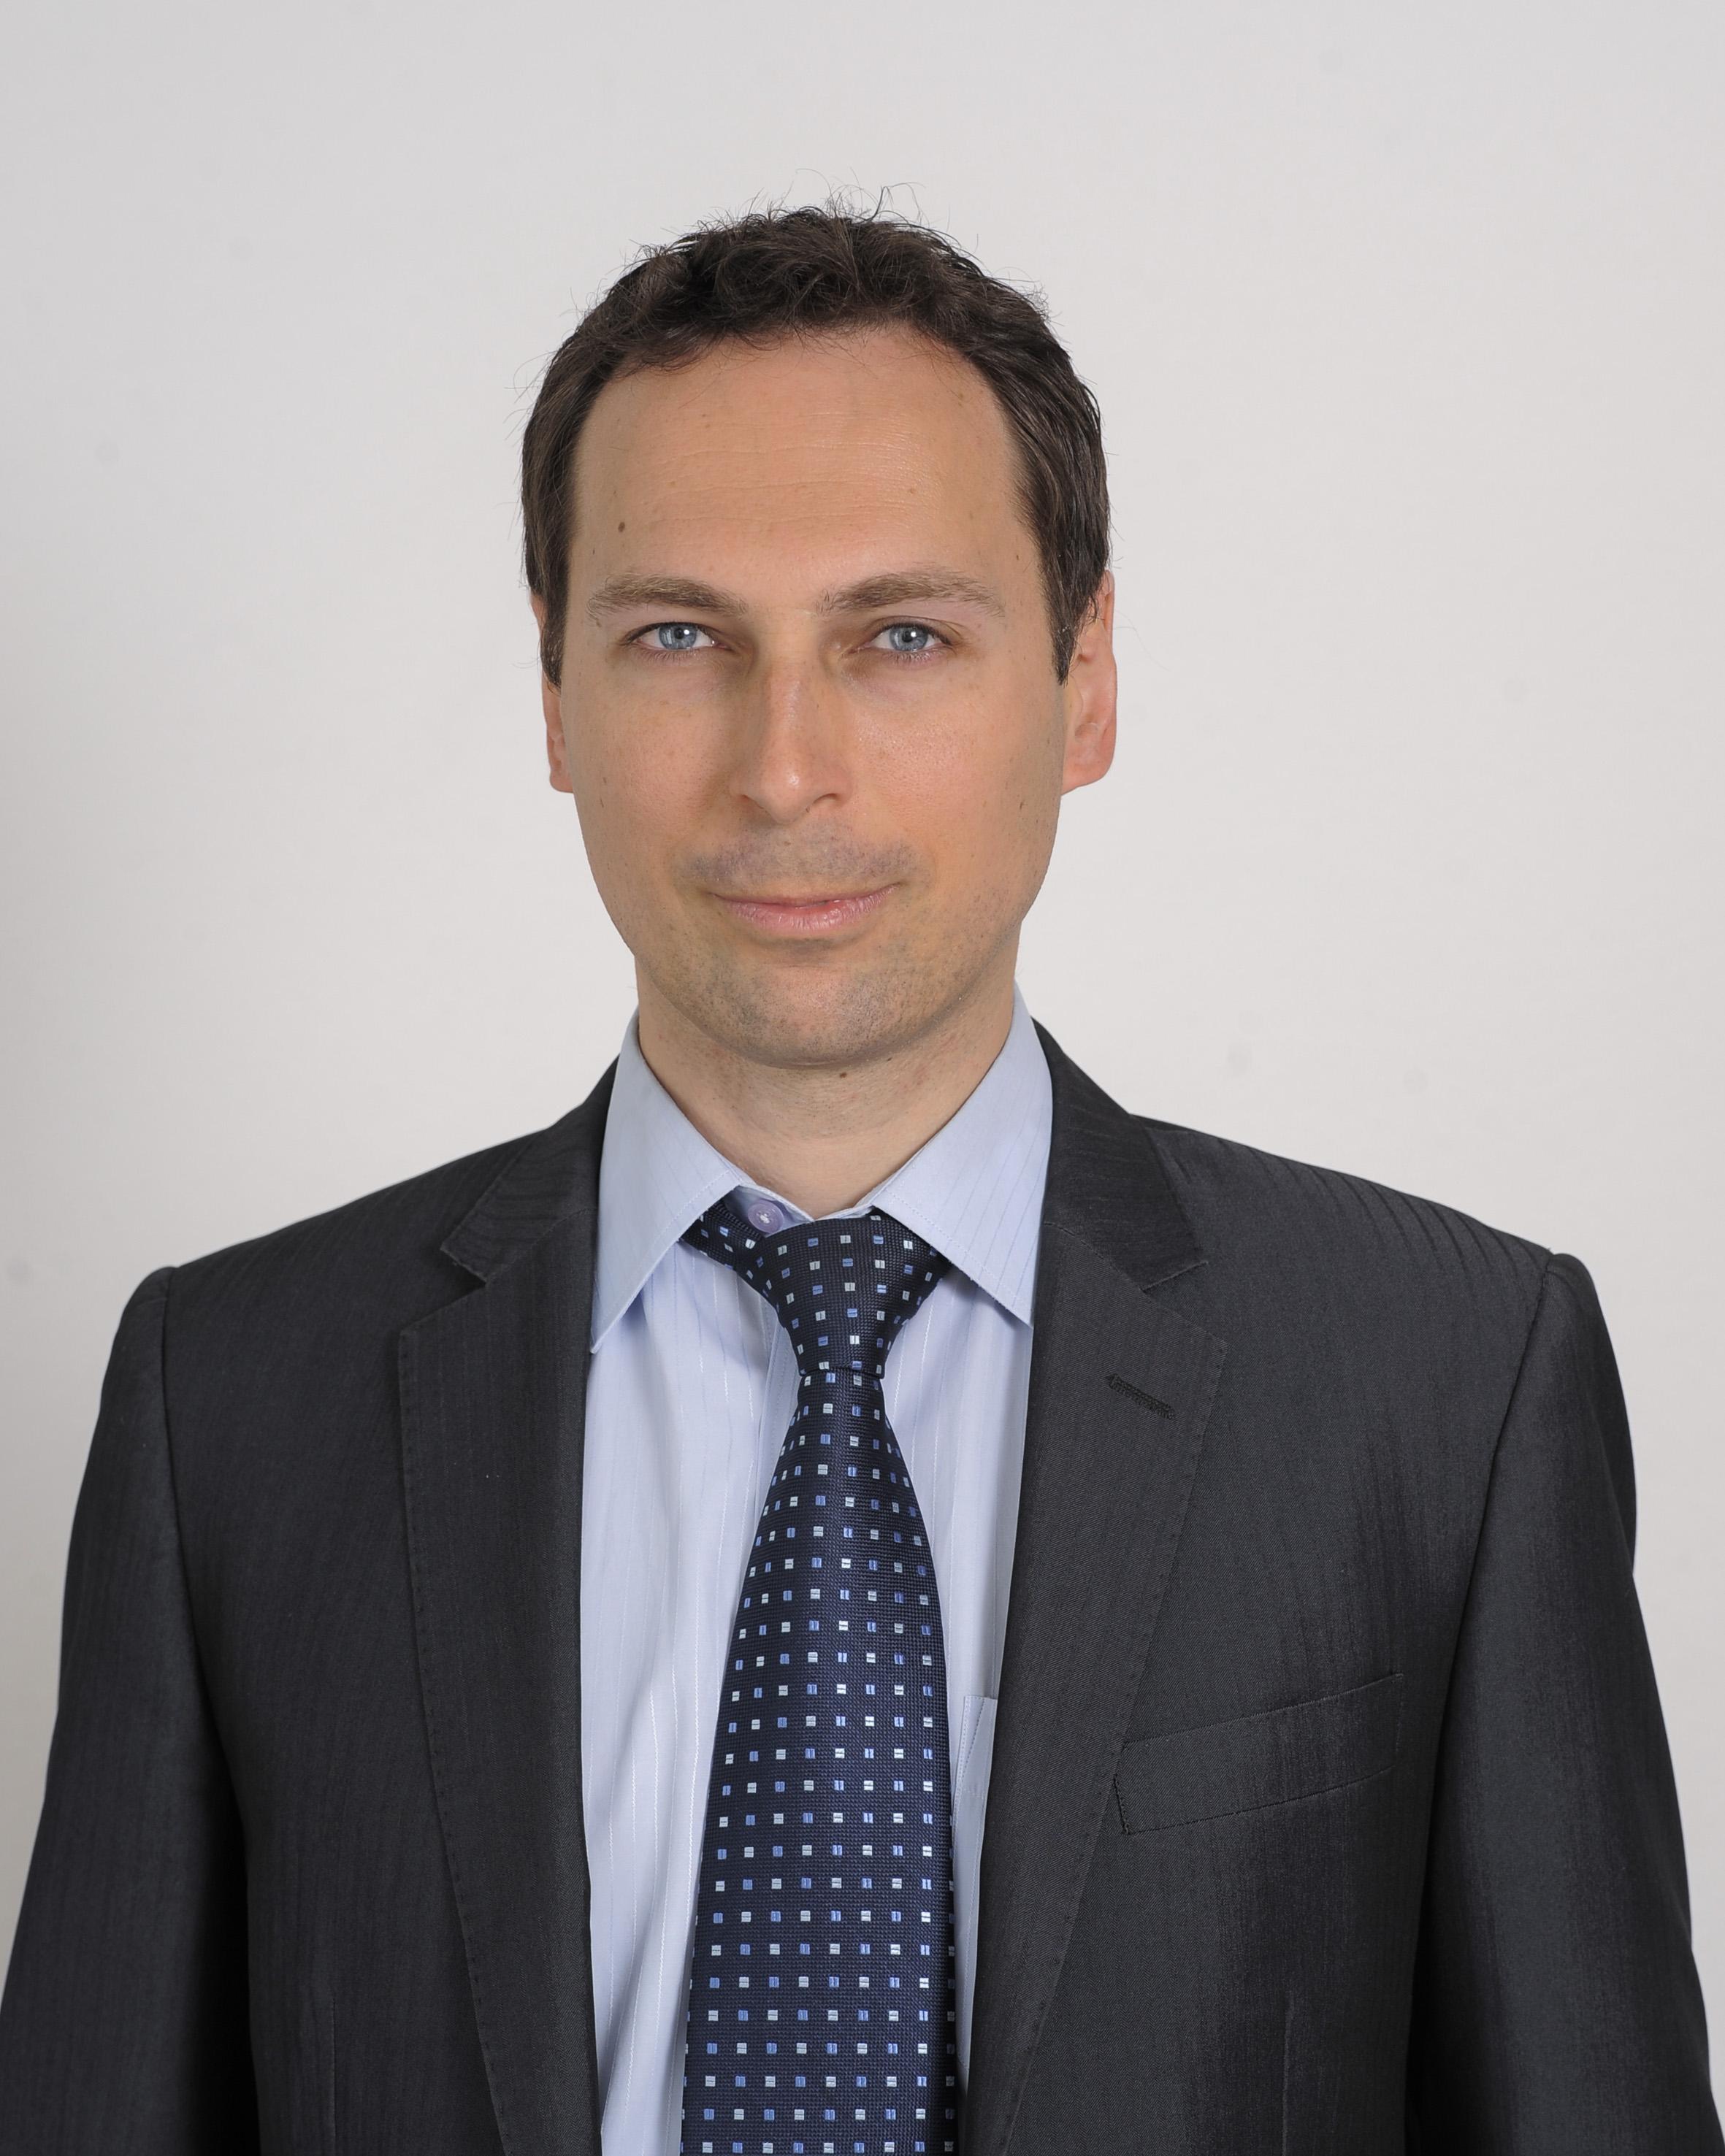 Stéphane Paccard